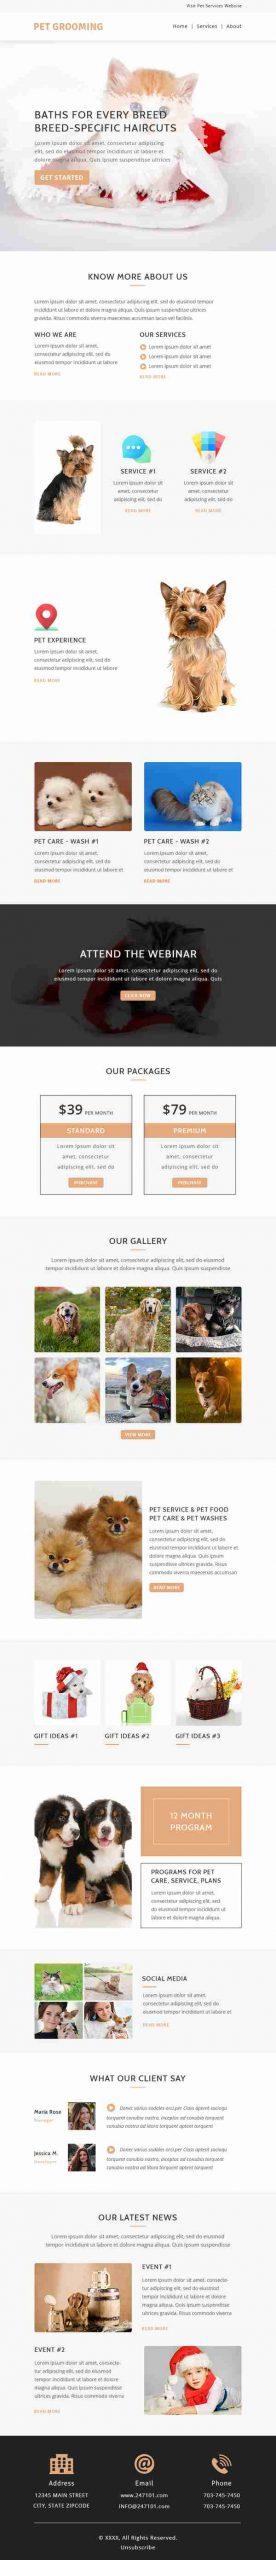 Email Marketing Design for Pet Care & Pet Grooming Industry - SKU: EM0501 - 247101